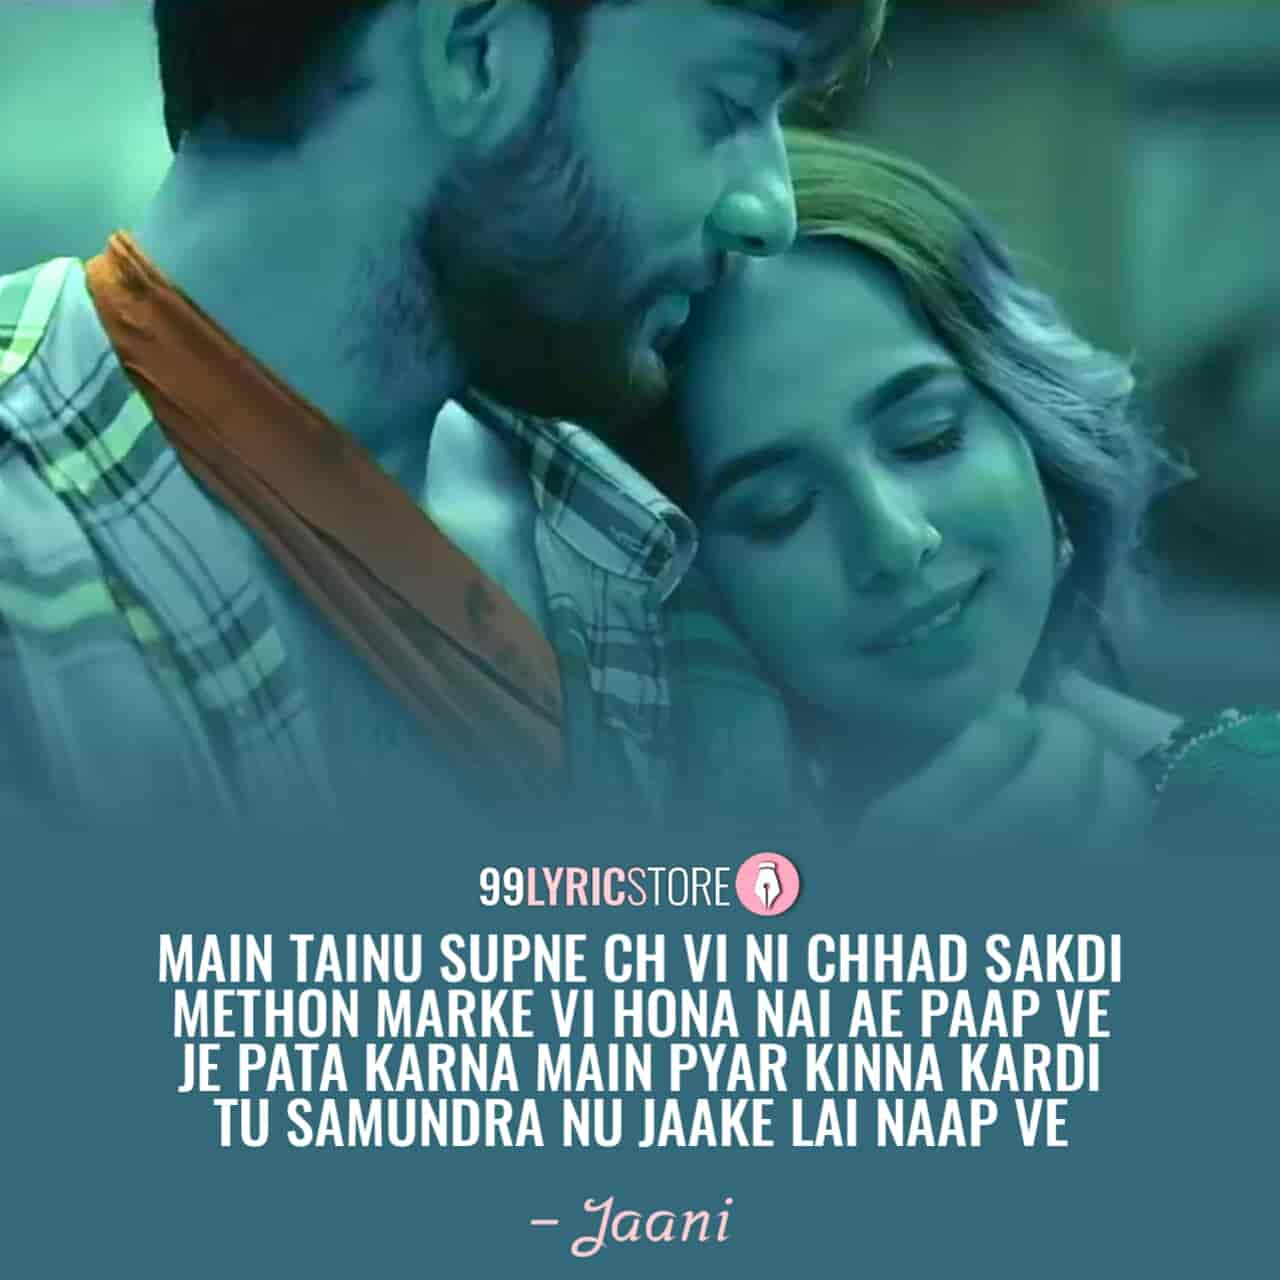 Duji Vaar Pyar Lyrics Images